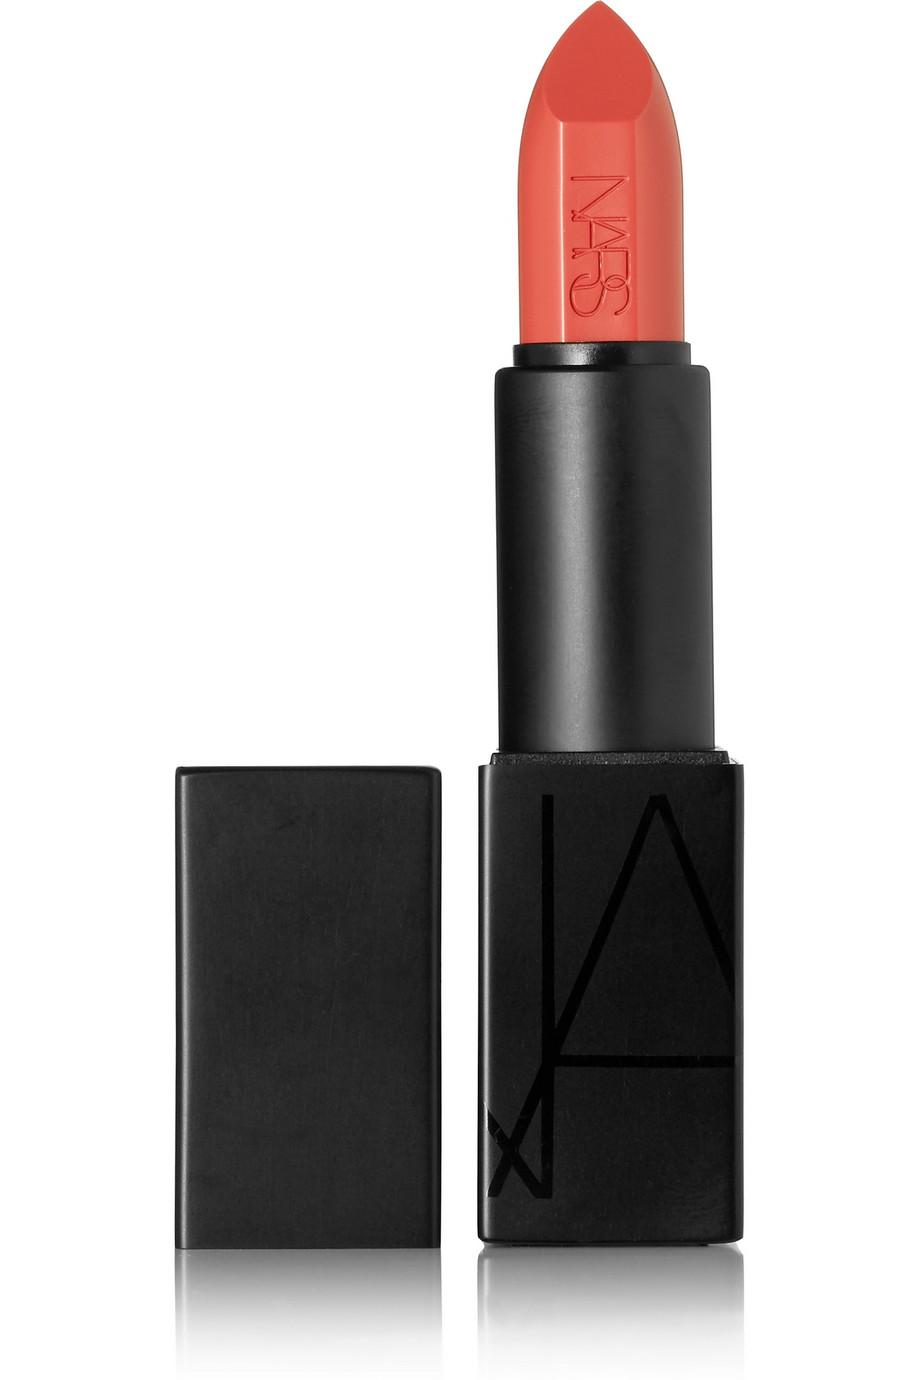 nars Audacious Lipstick - Catherine